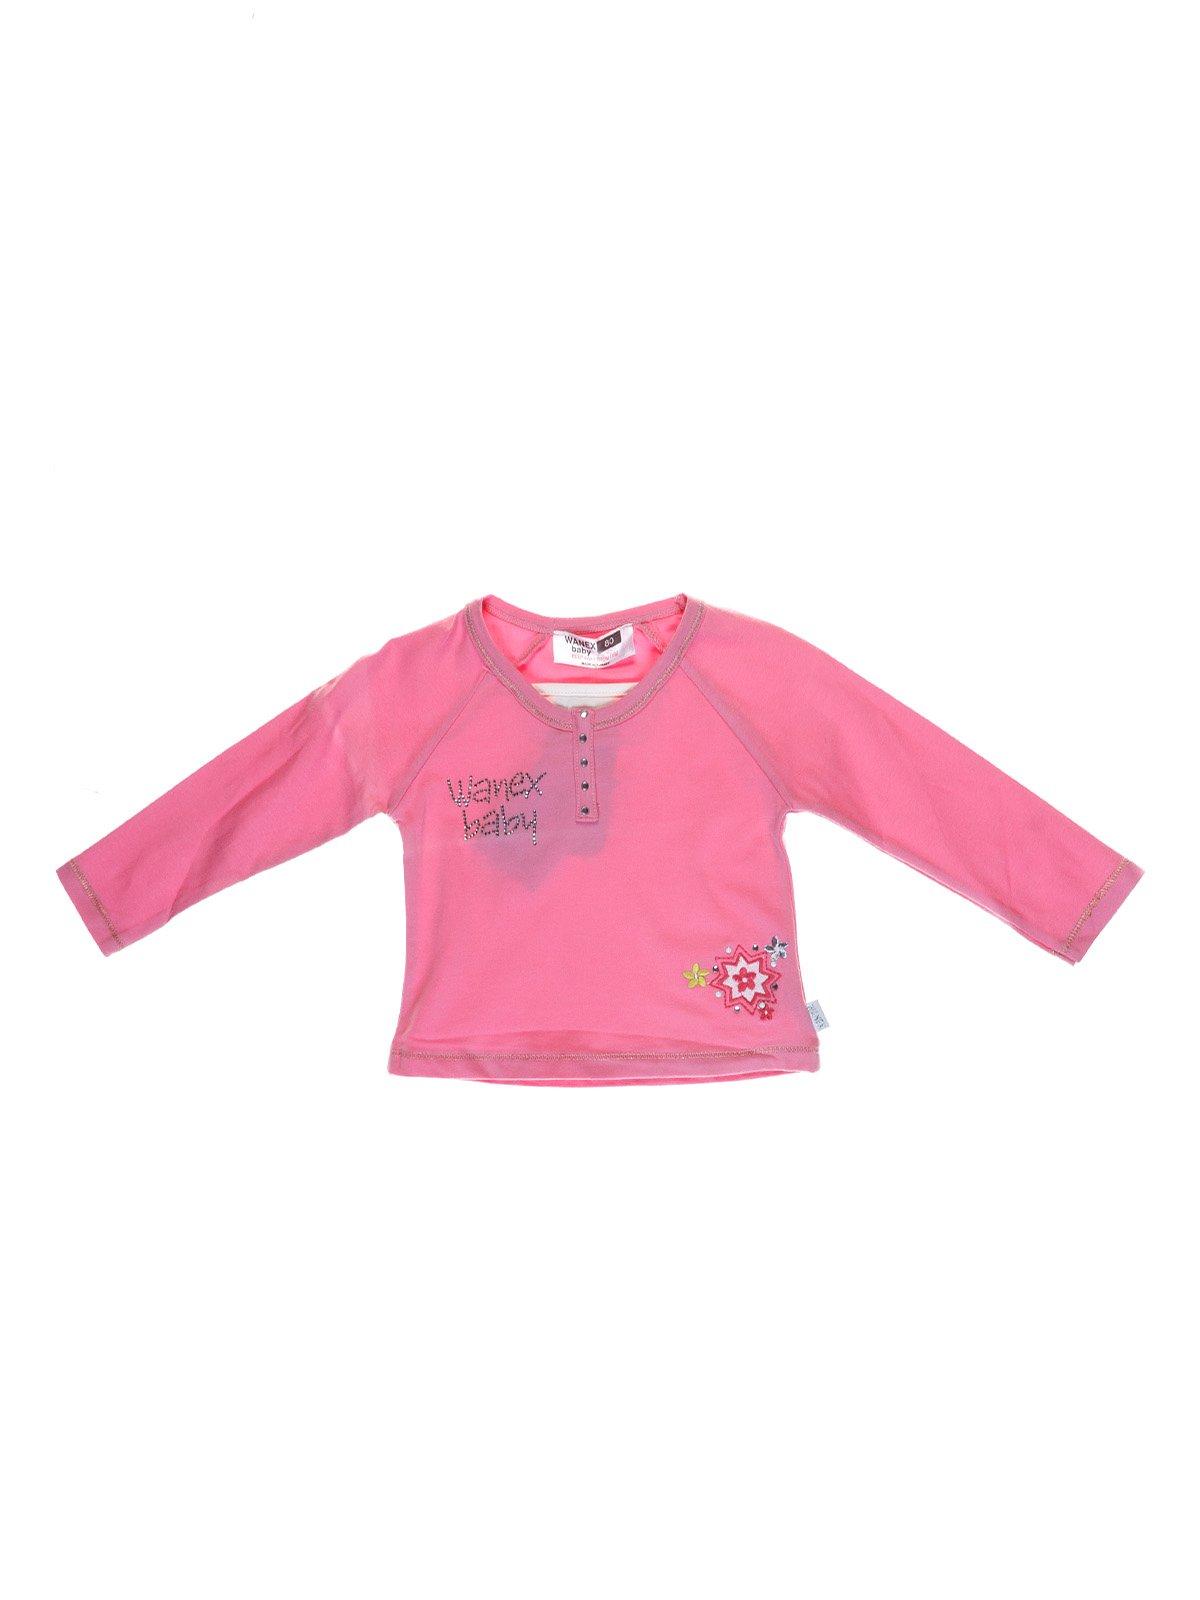 Реглан рожевий з вишивкою | 1051435